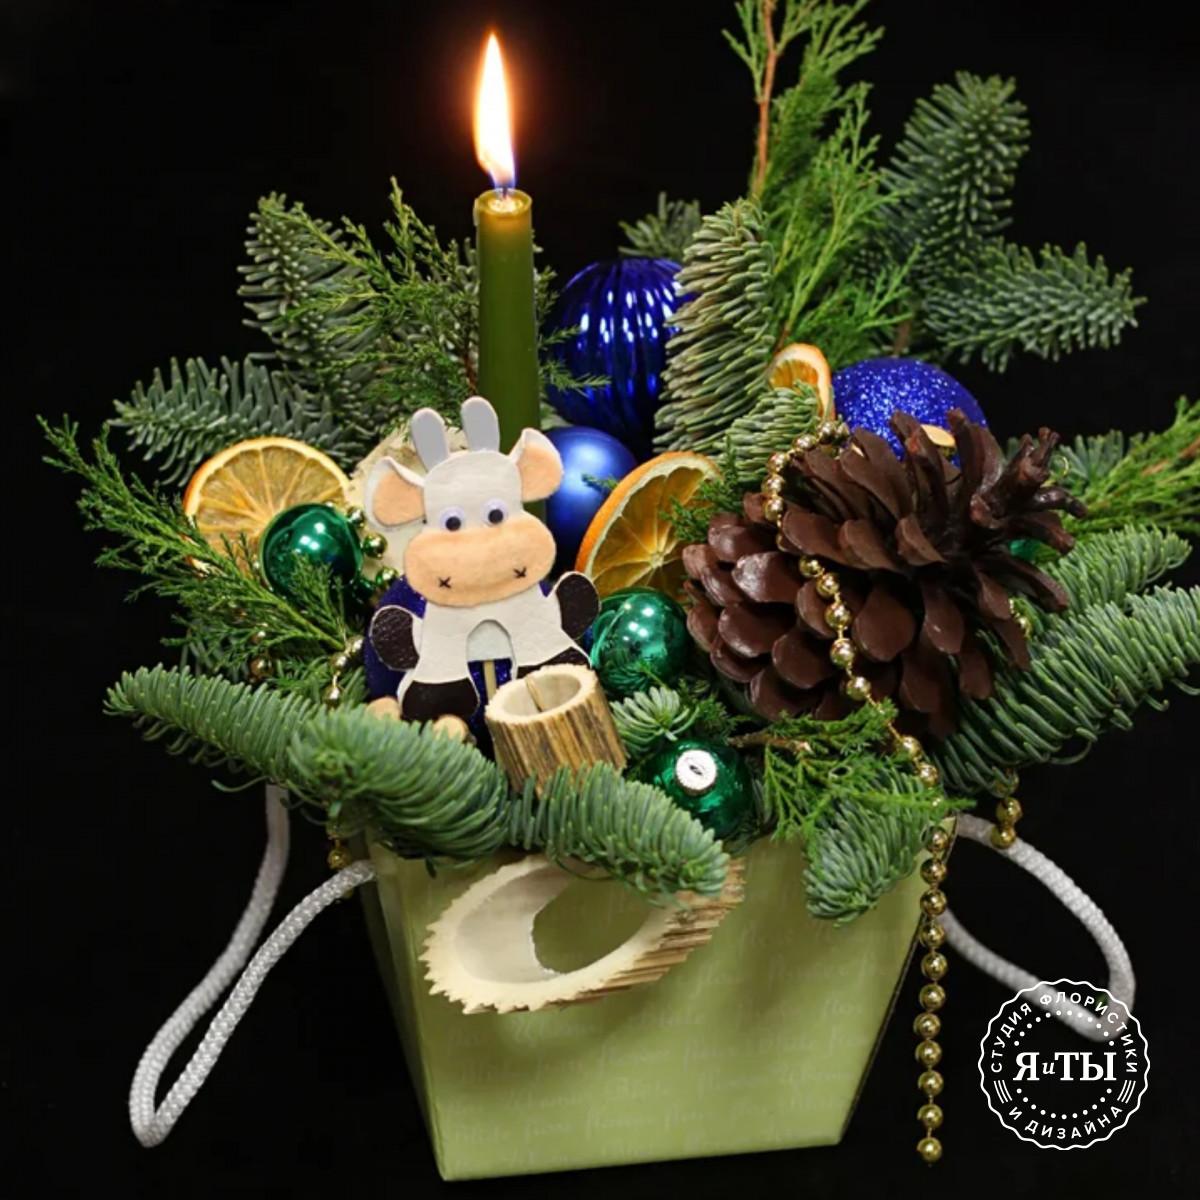 Композиция в коробке с символом года и зеленой свечой